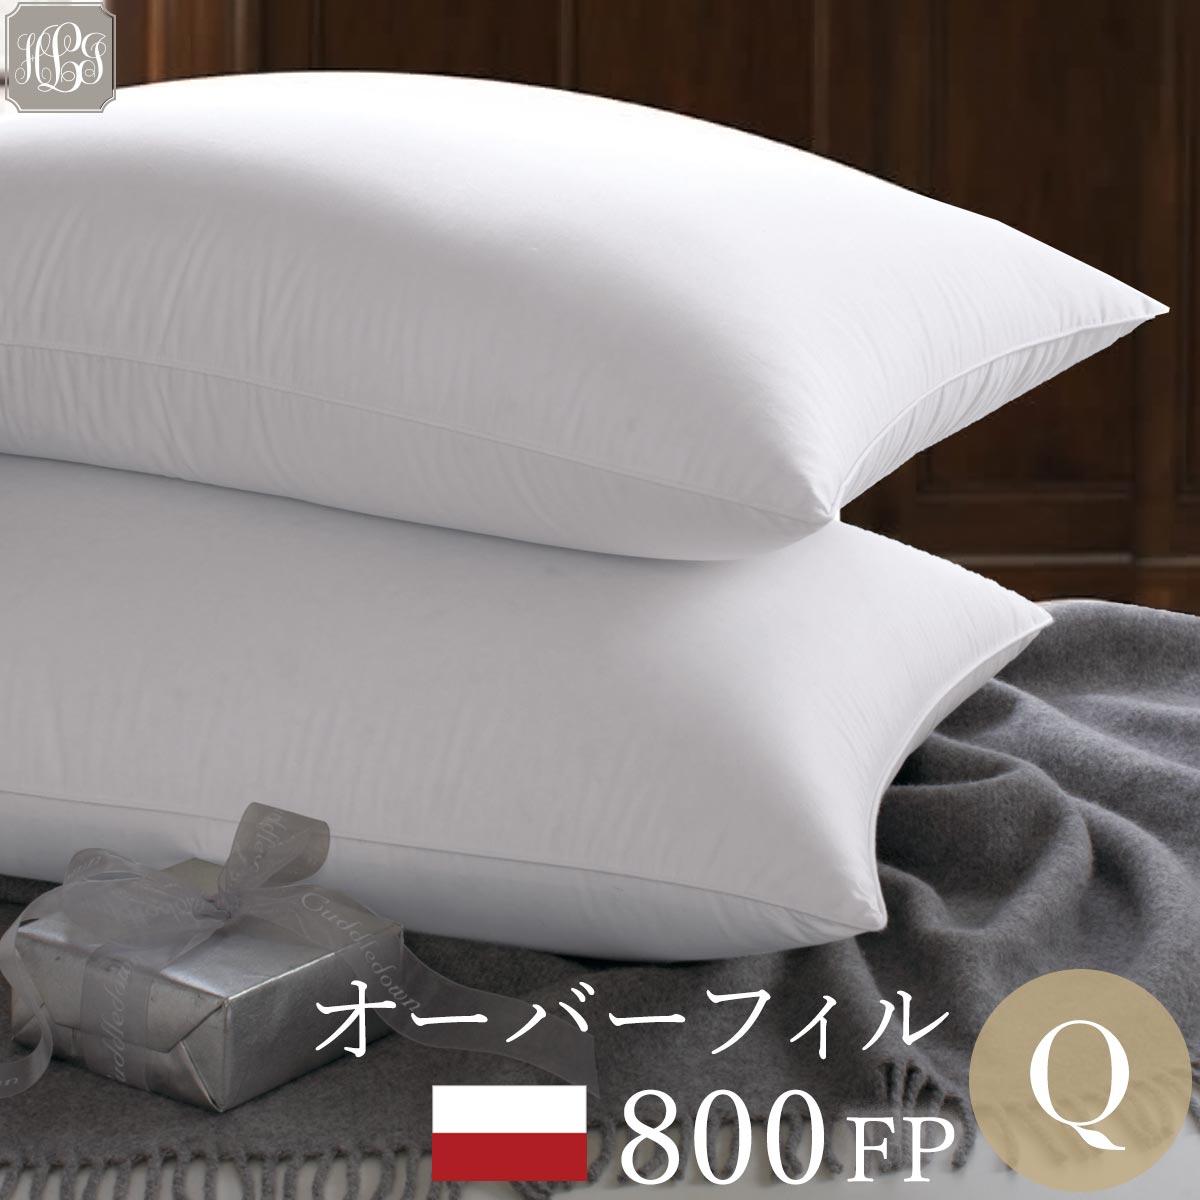 羽毛枕 クイーン 50cmx76cm オーバーフィル 800フィルパワーポーランド産ホワイトマザーグースダウンピロー 送料無料